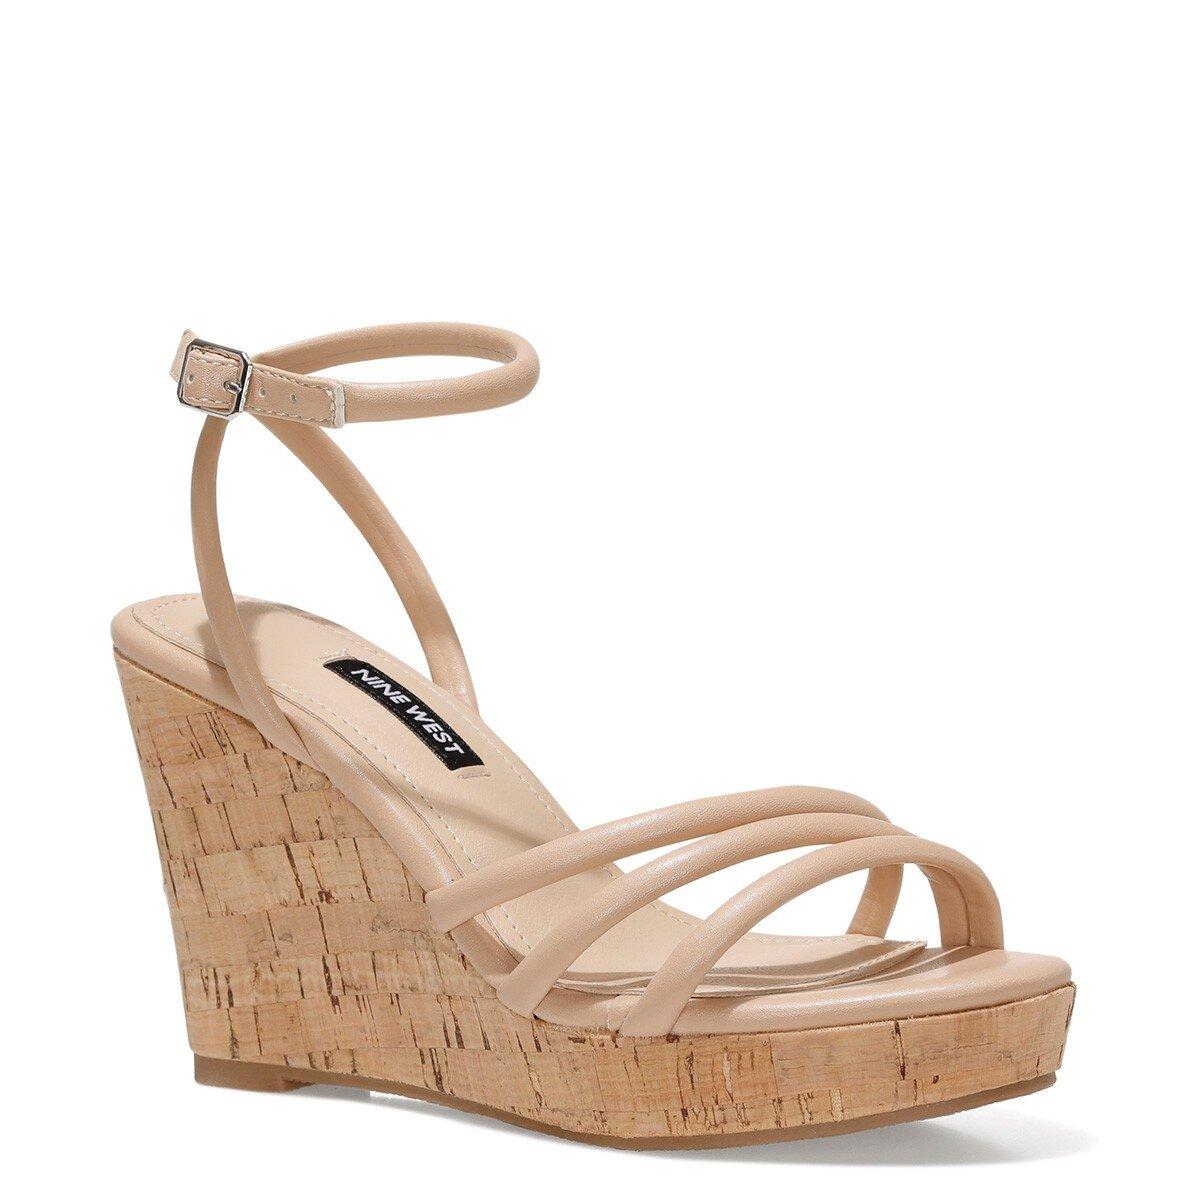 LEROYA 1FX NUDE Kadın Dolgu Topuklu Sandalet